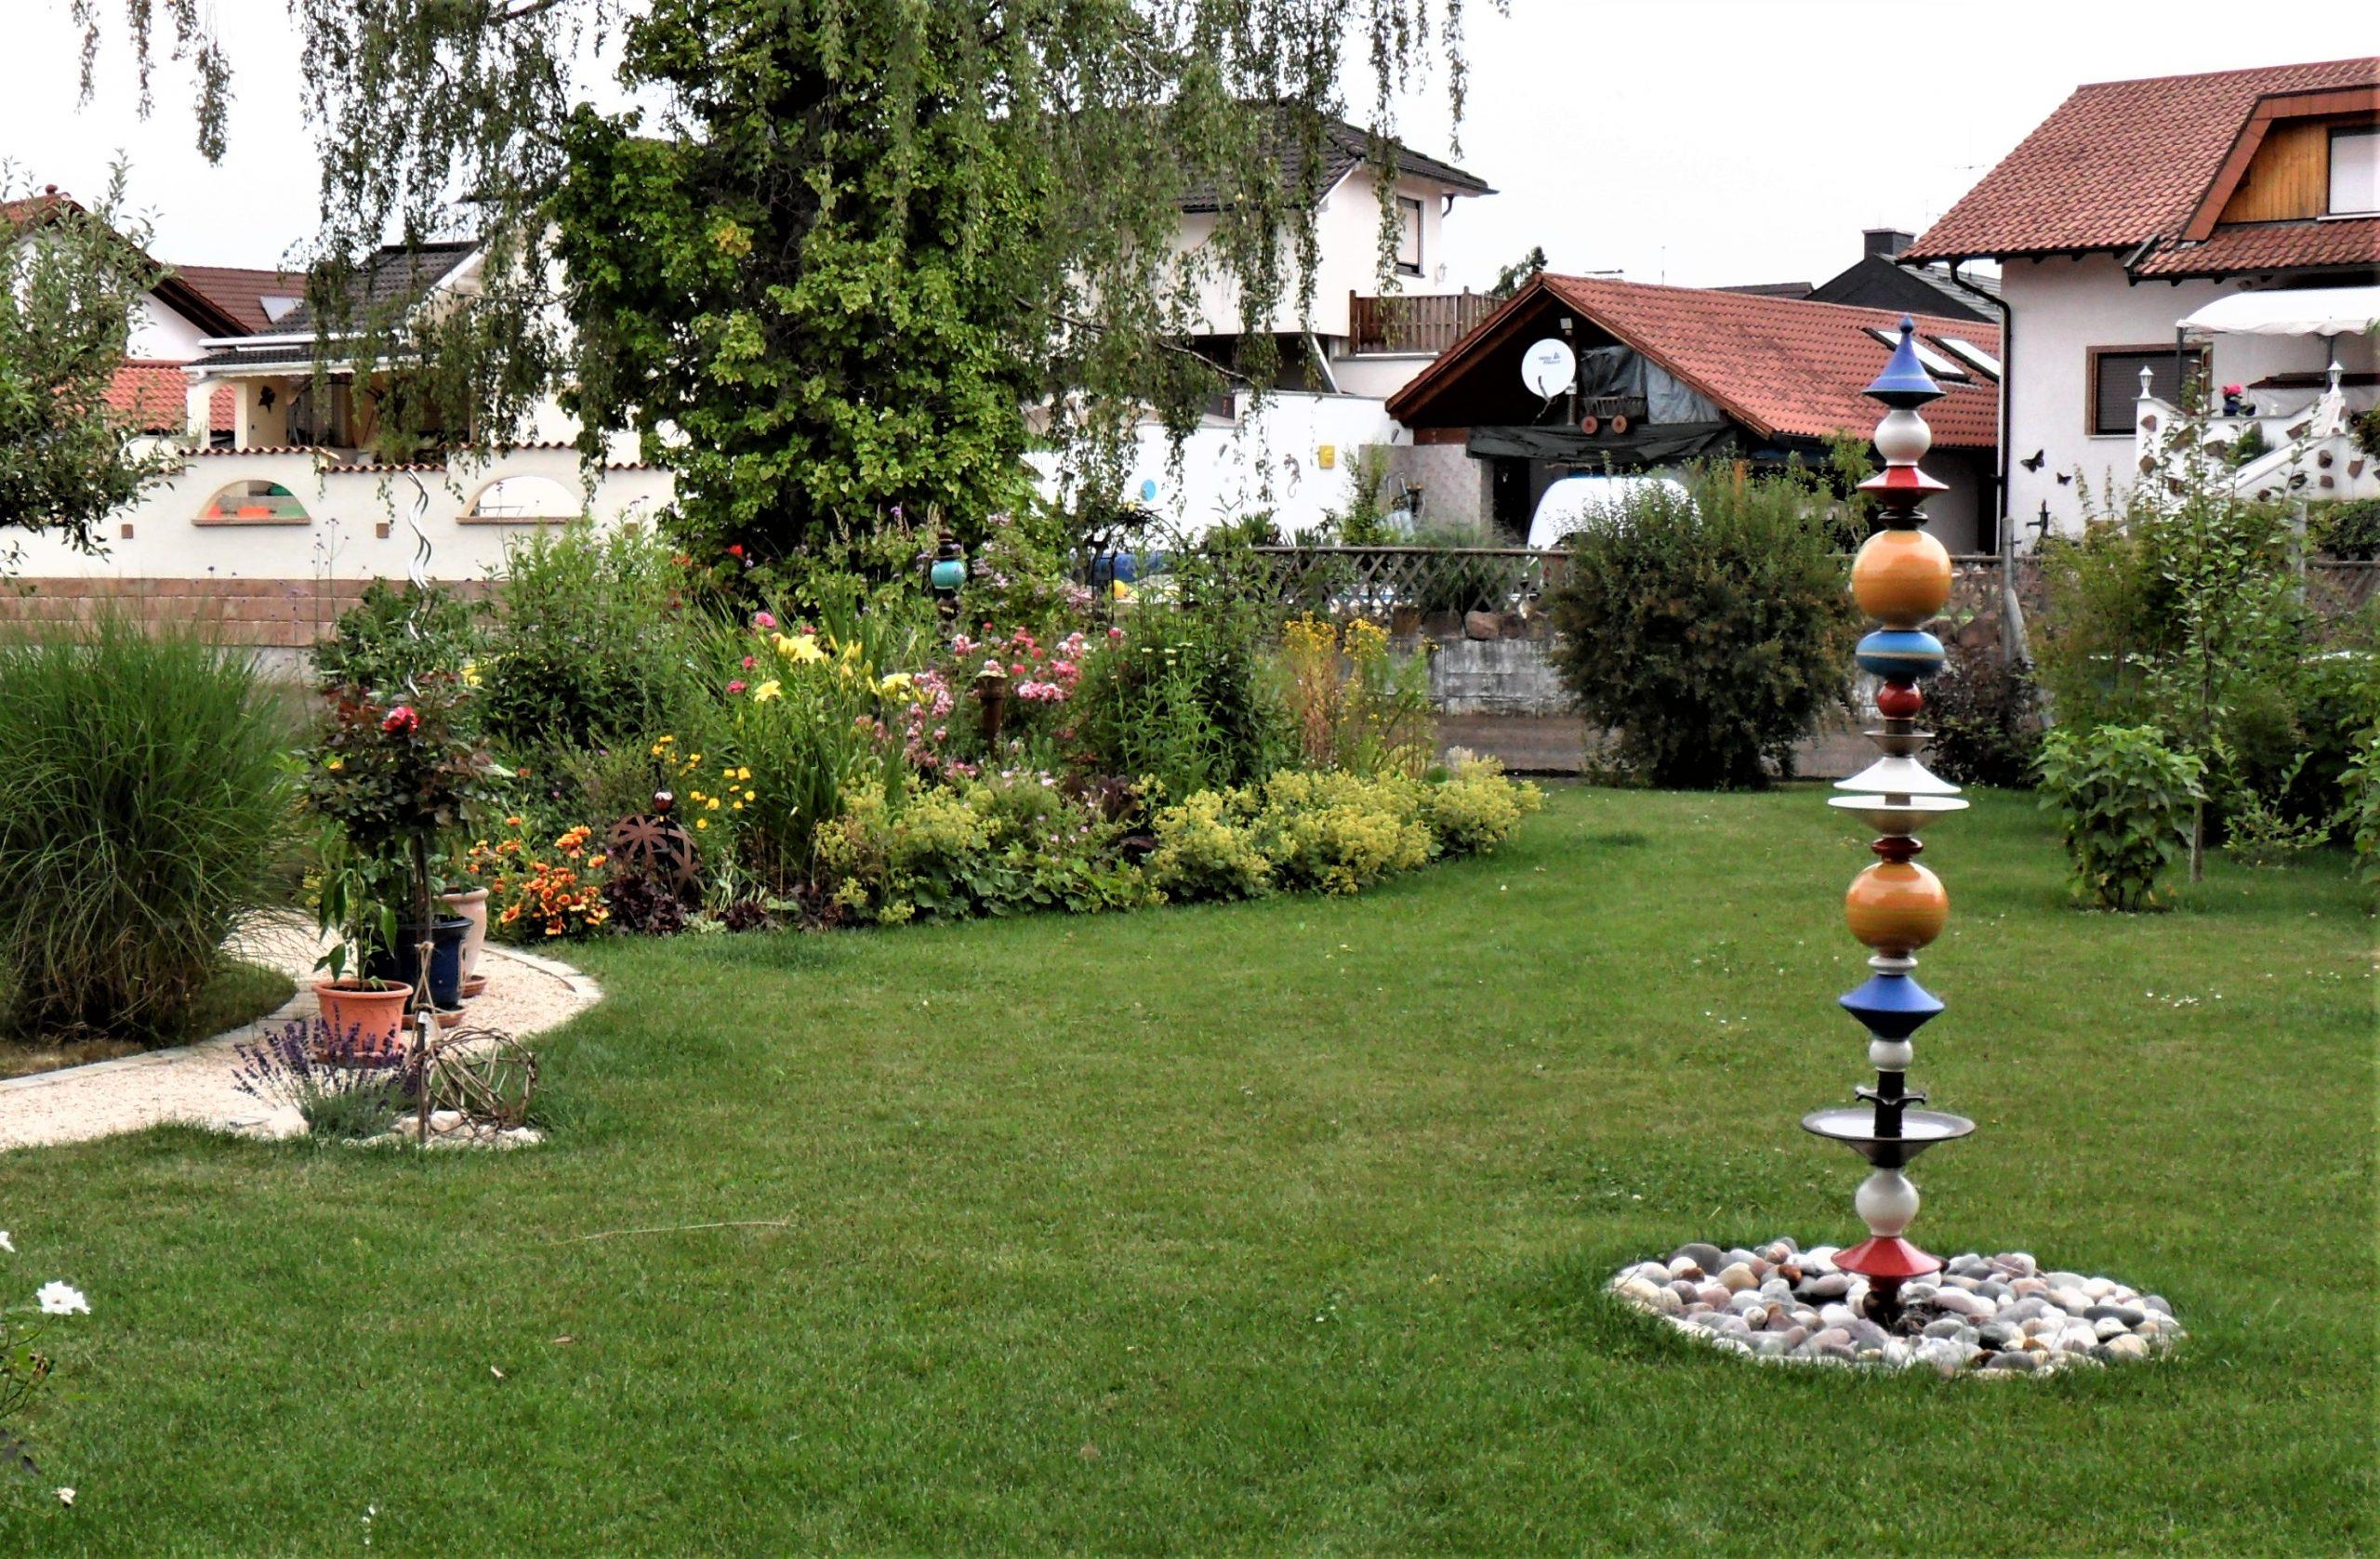 brunnensäule Burghard (2)